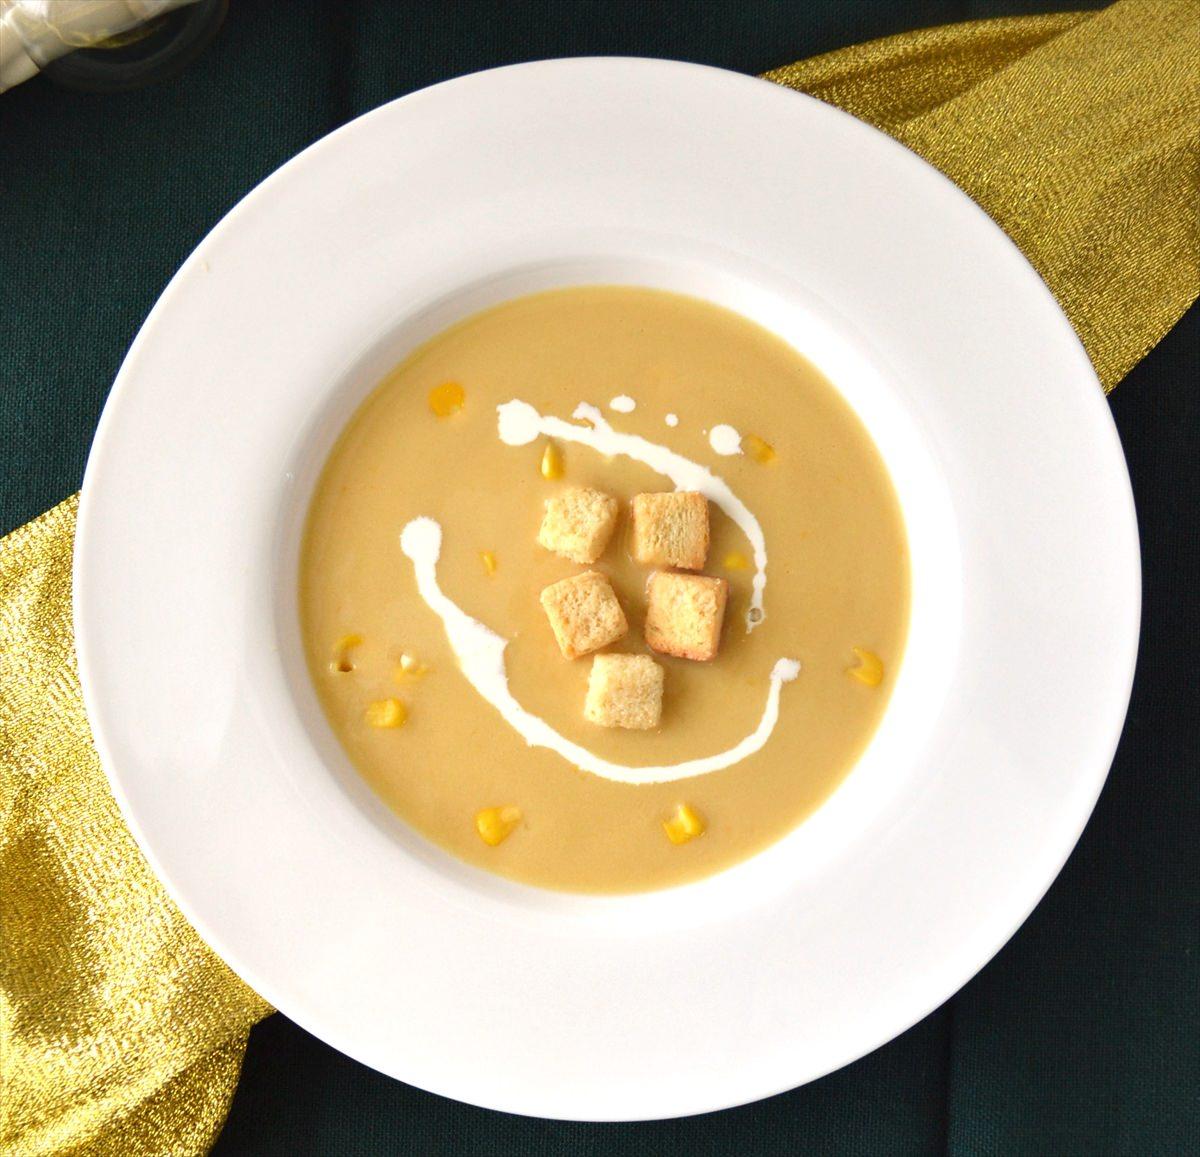 美食カレー&重宝スープ詰合せA